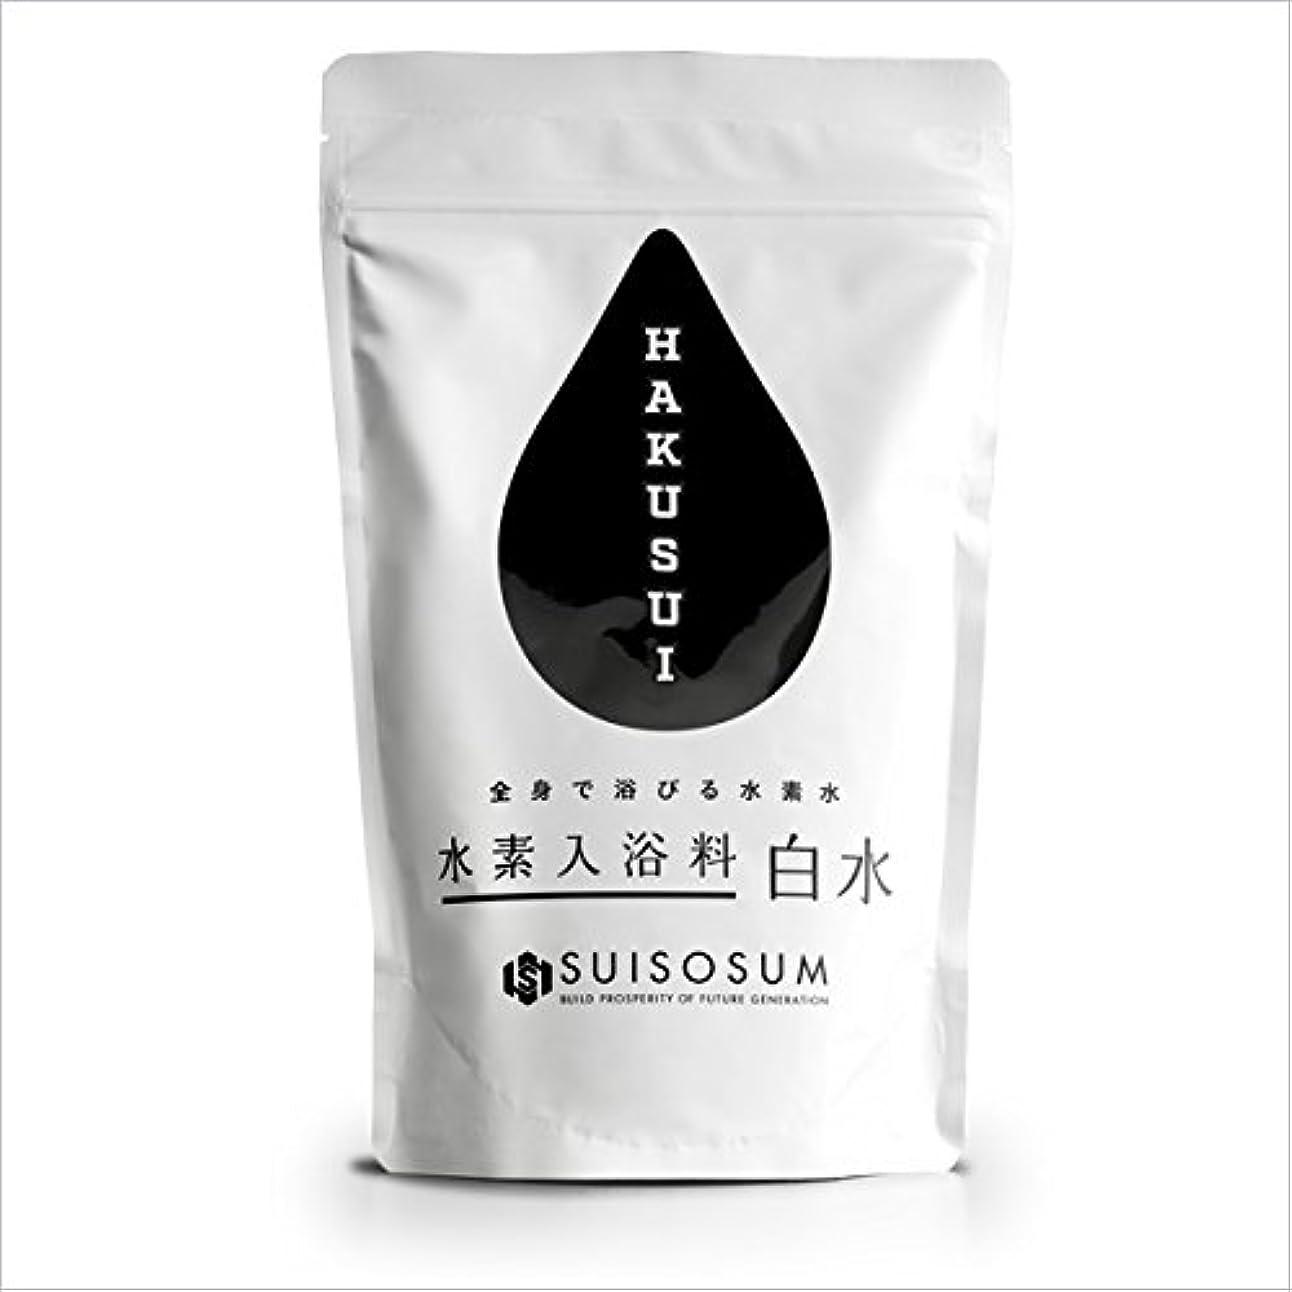 細分化する教苦情文句【HAKUSUI】水素入浴料 白水(750g)